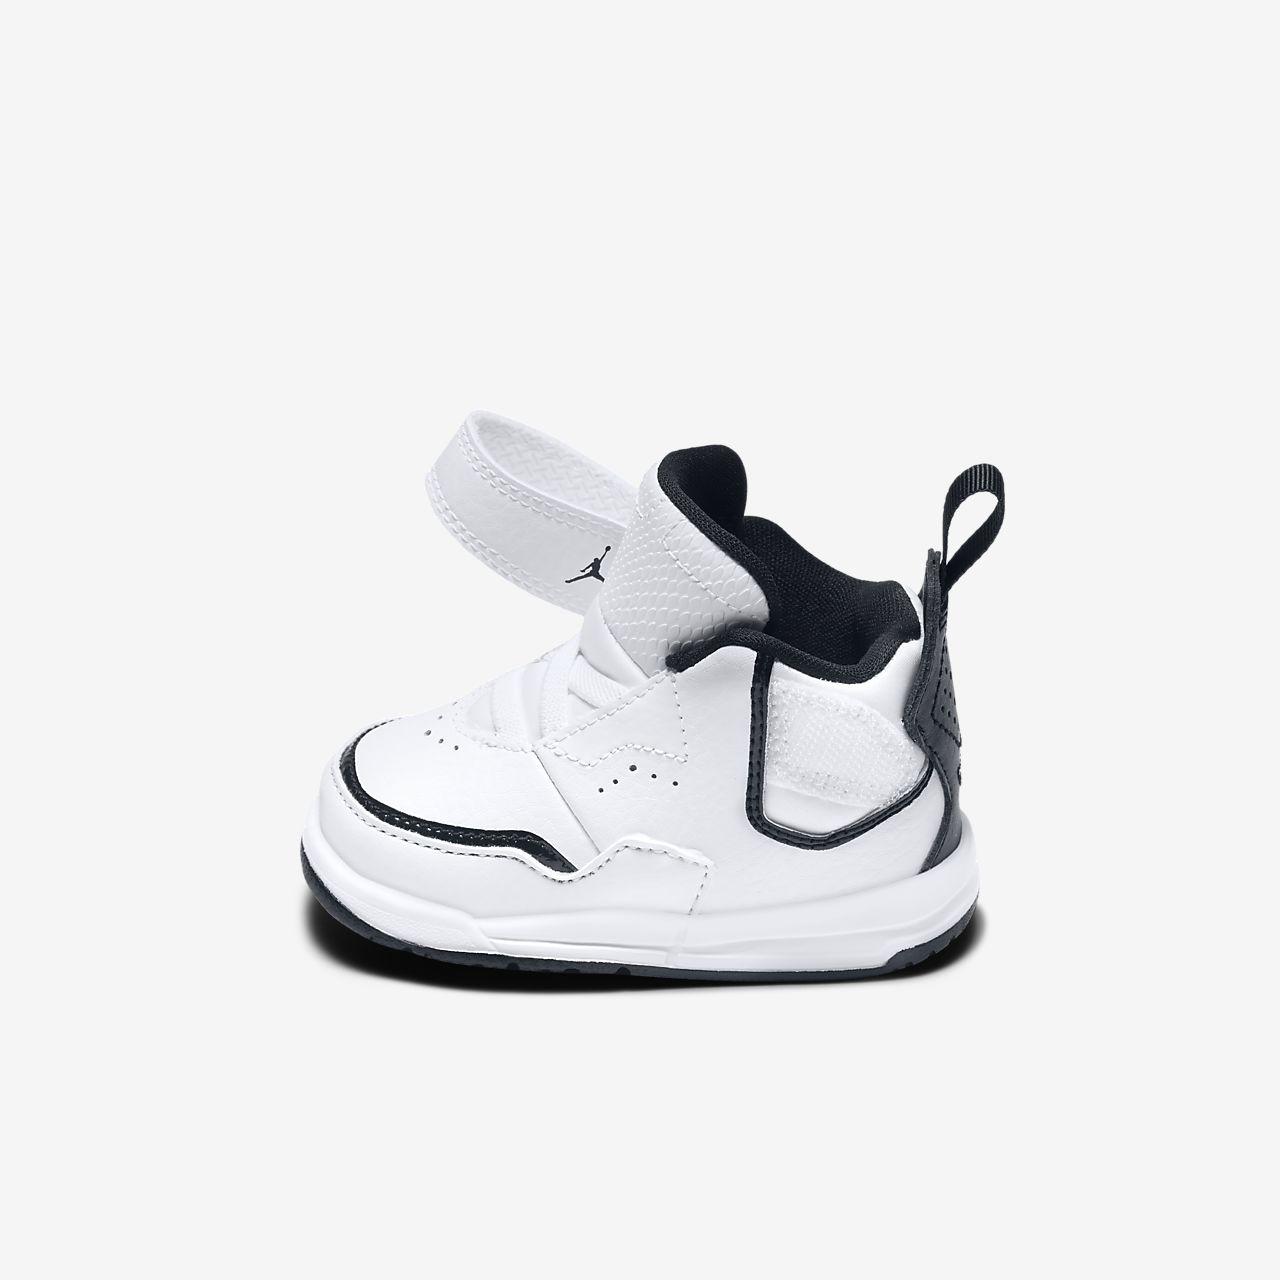 jordans baby shoes nz